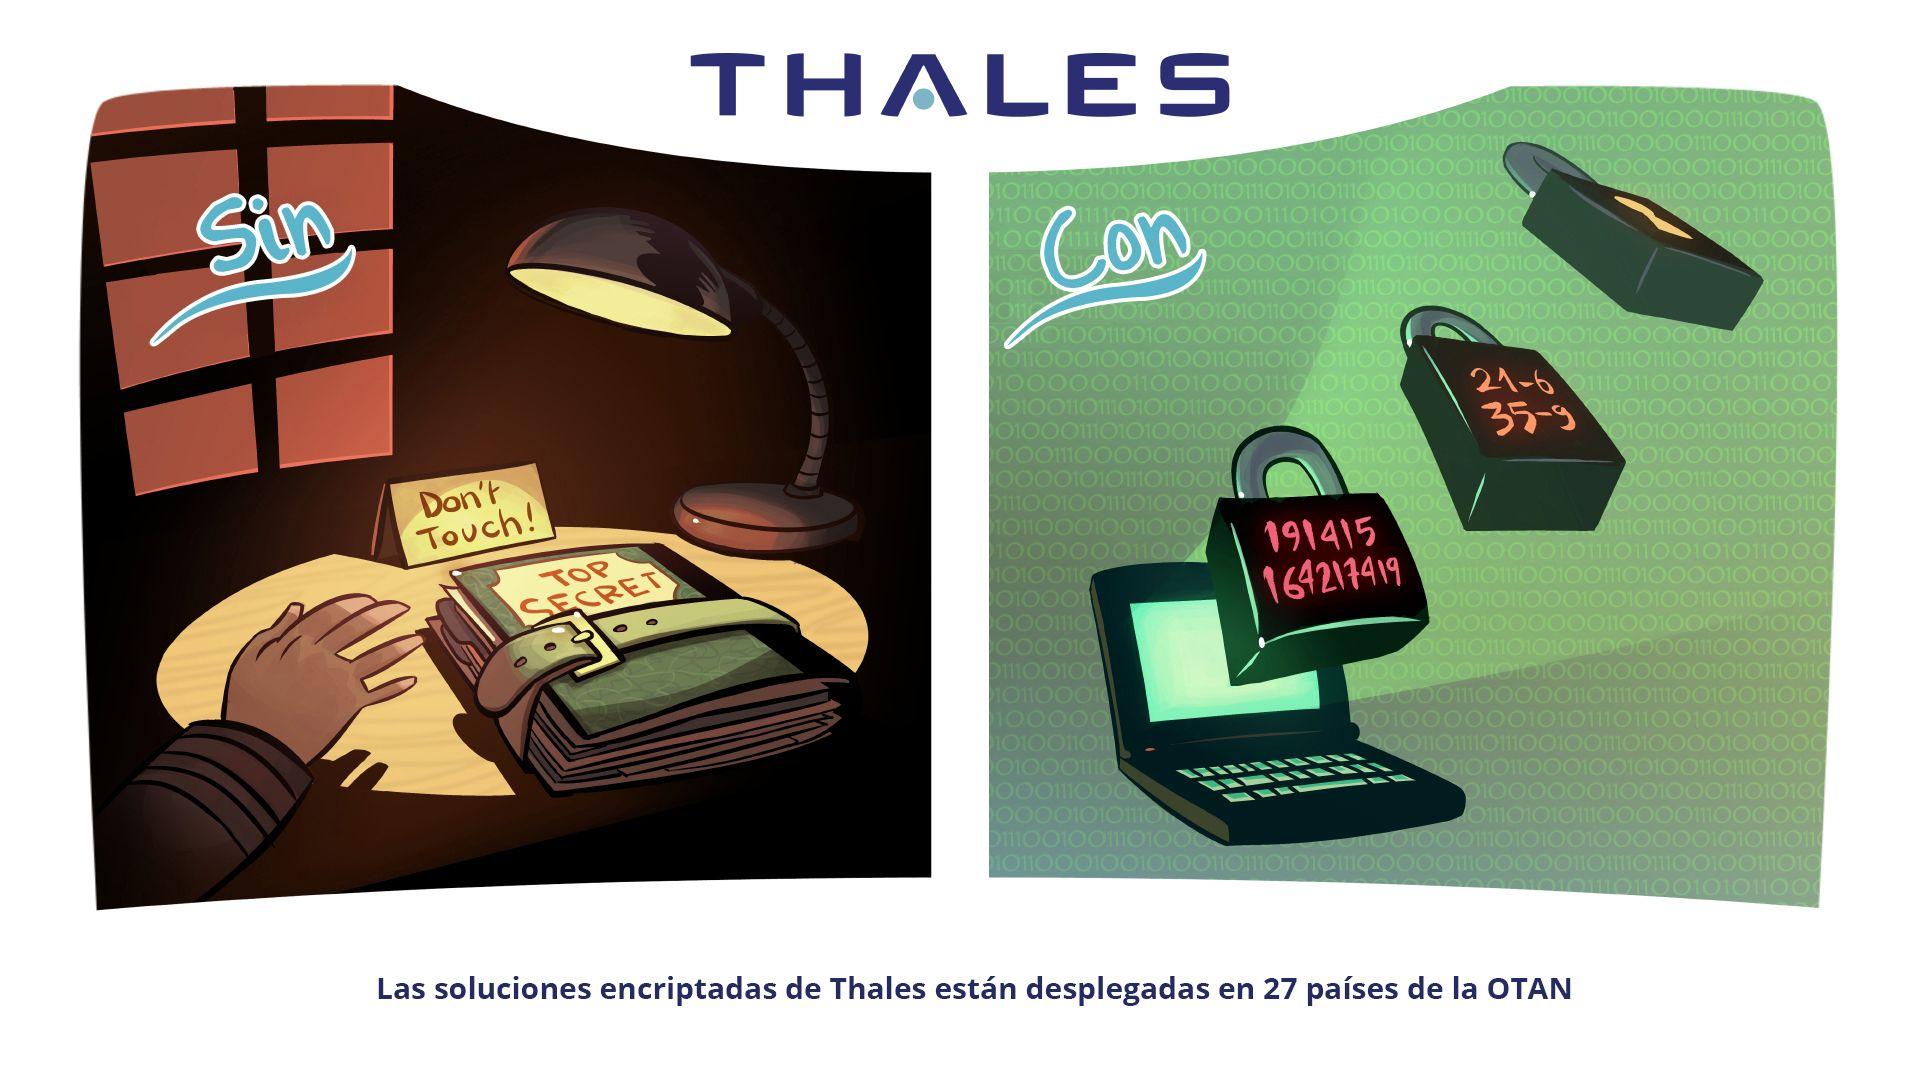 Las soluciones encriptadas de Thales están desplegadas en 27 países de la OTAN.